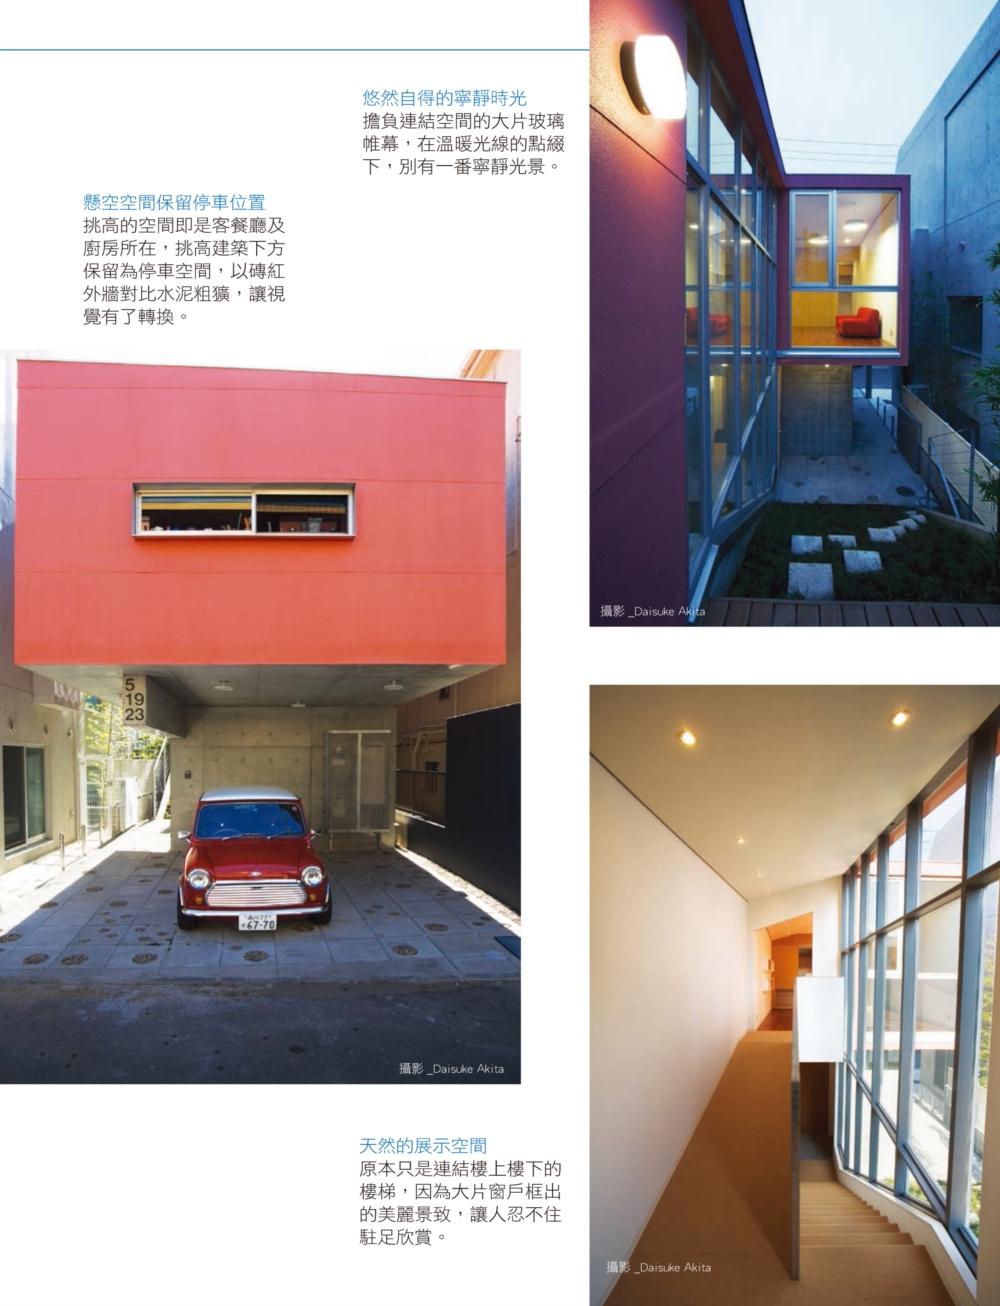 http://im1.book.com.tw/image/getImage?i=http://www.books.com.tw/img/001/069/86/0010698618_b_02.jpg&v=5666cd8e&w=655&h=609